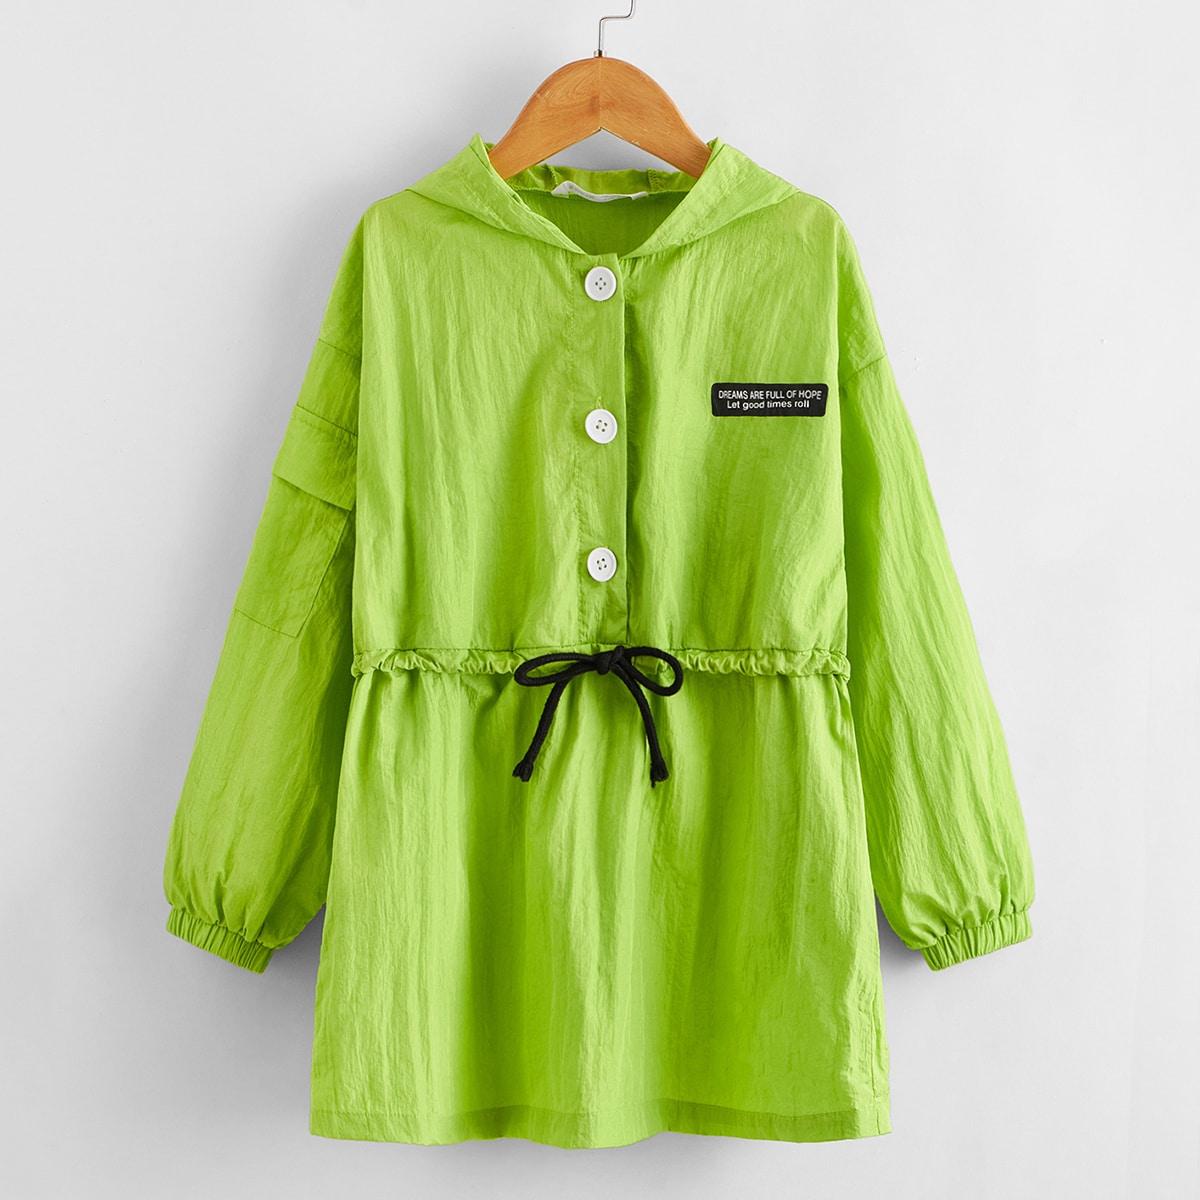 Куртка с карманом и текстовым принтом цвета неонового лайма для девочек от SHEIN